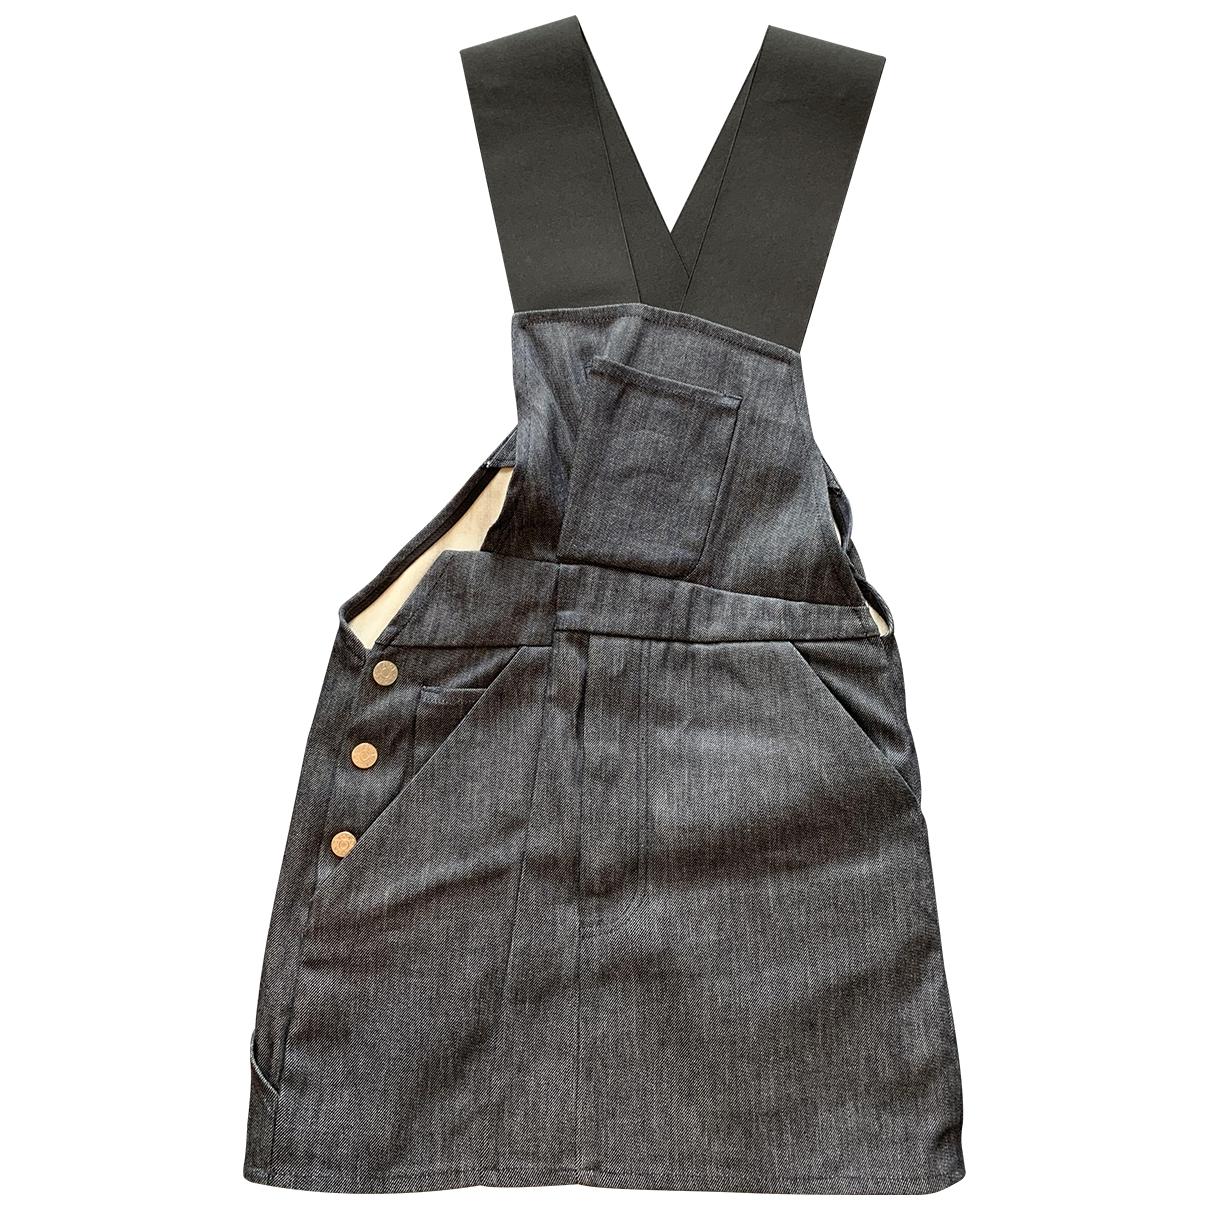 Acne Studios \N Navy Denim - Jeans dress for Women 34 FR